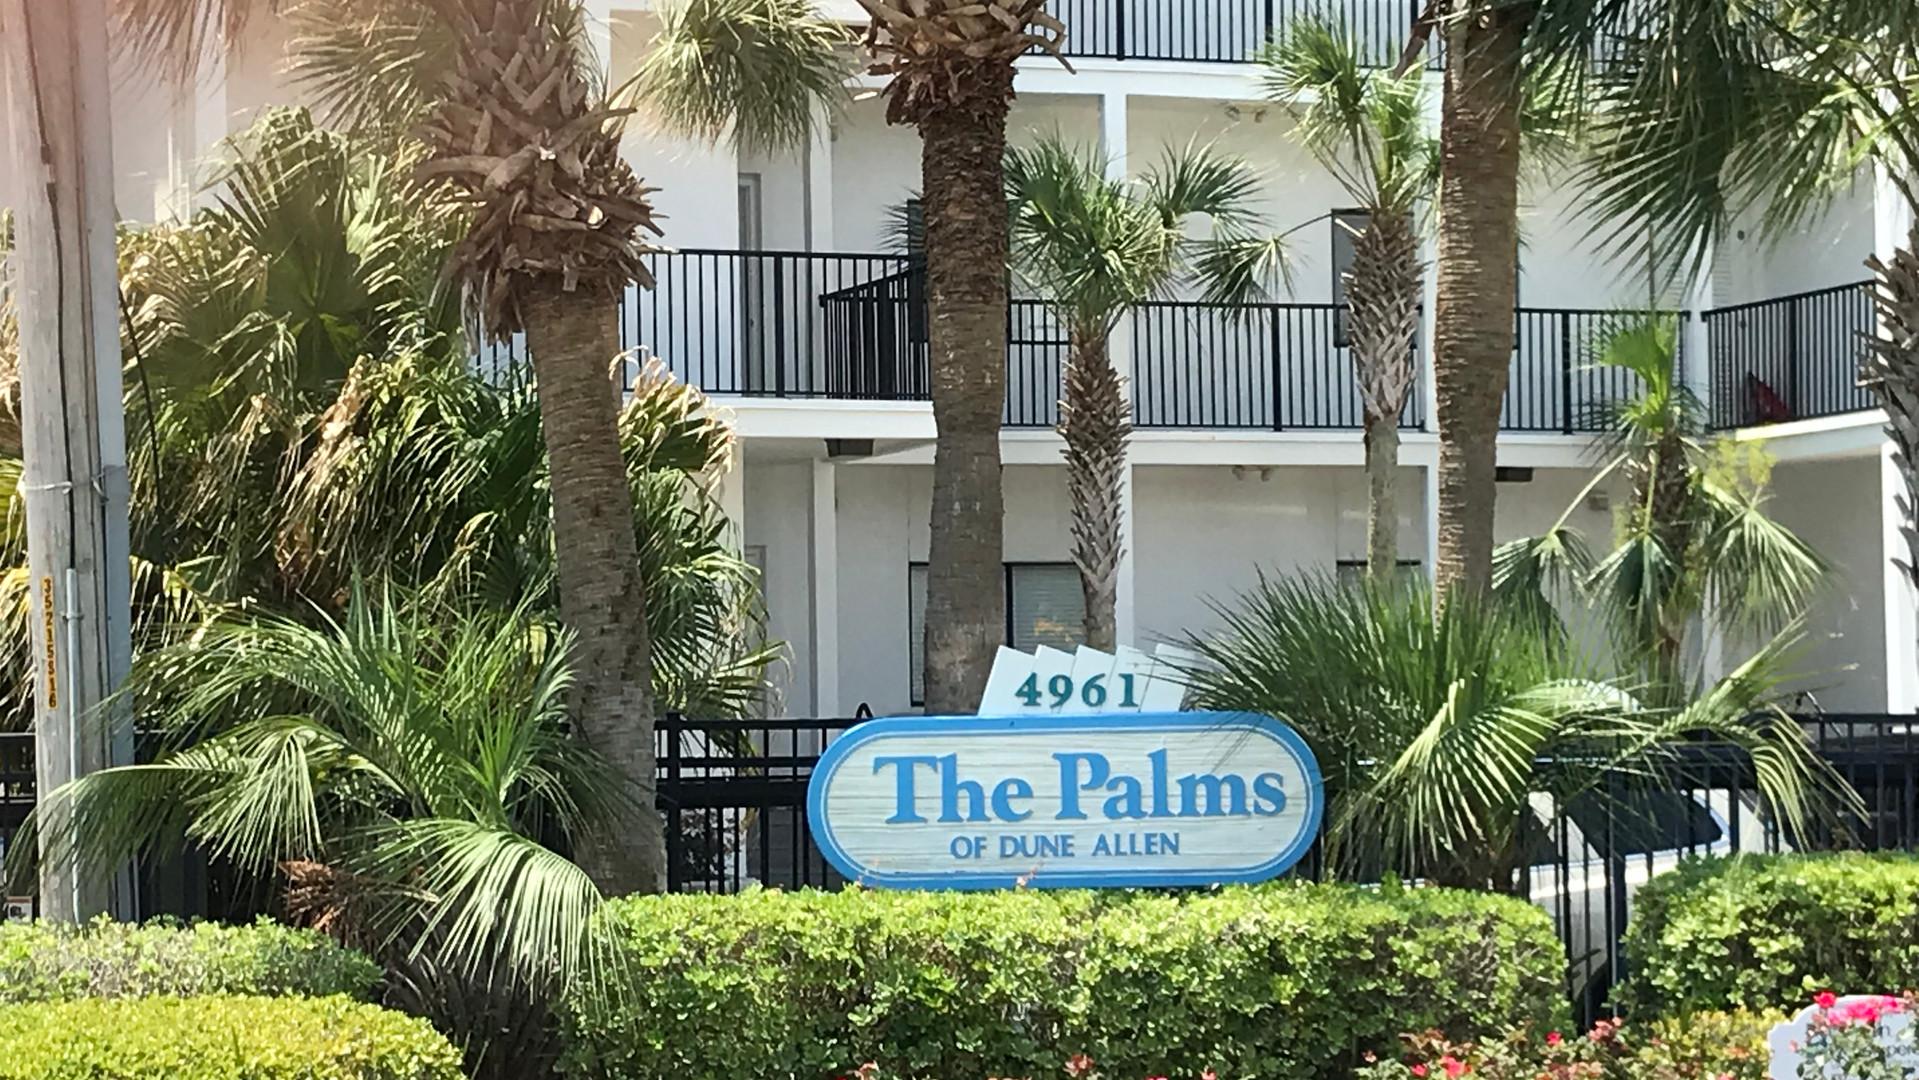 The Palms of Dune Allen